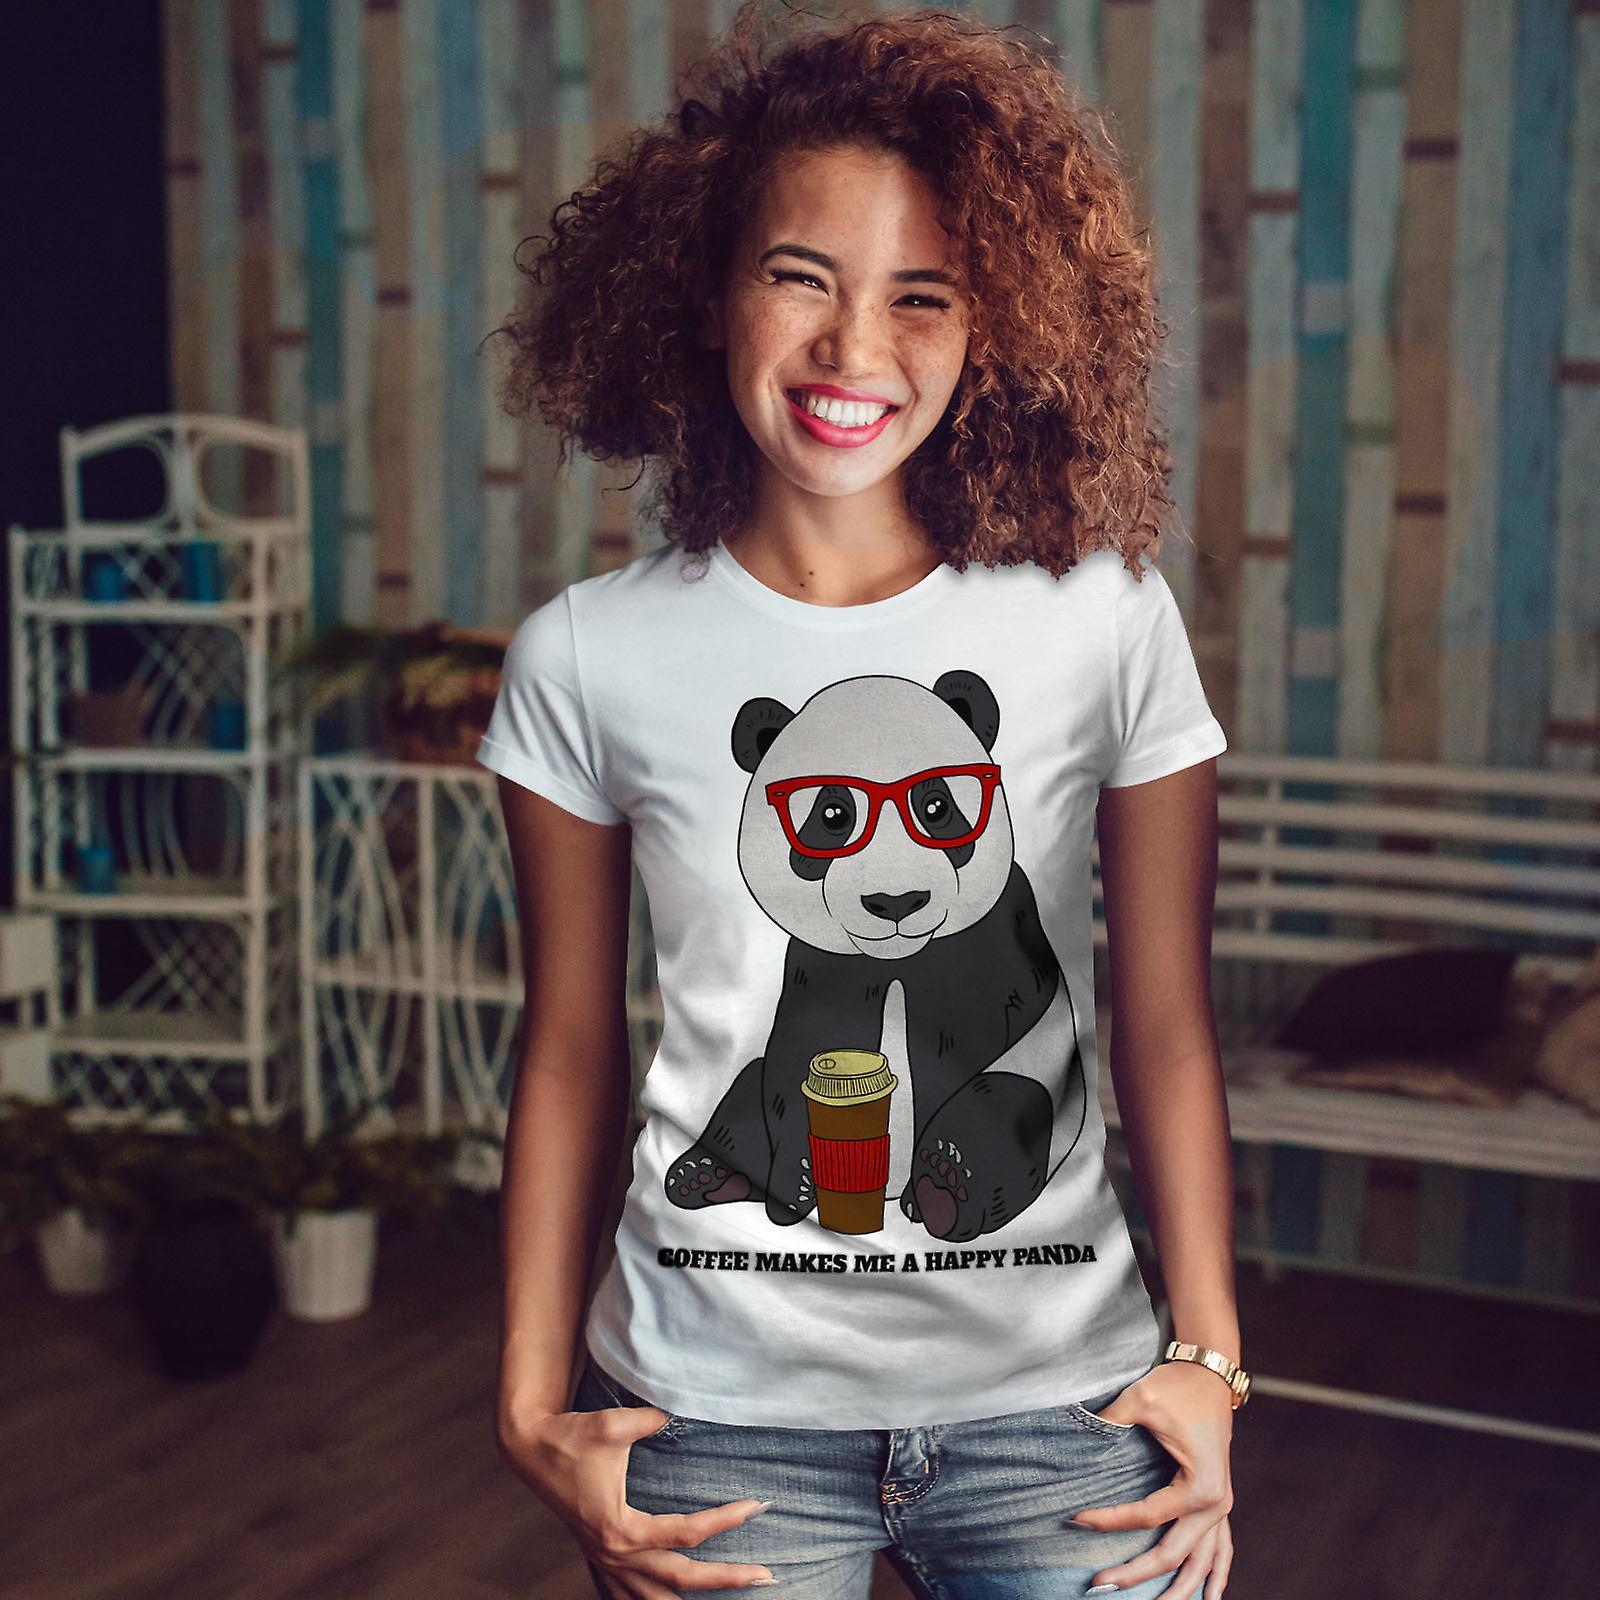 WhiteT-chemise de femme café Panda heureux | Wellcoda